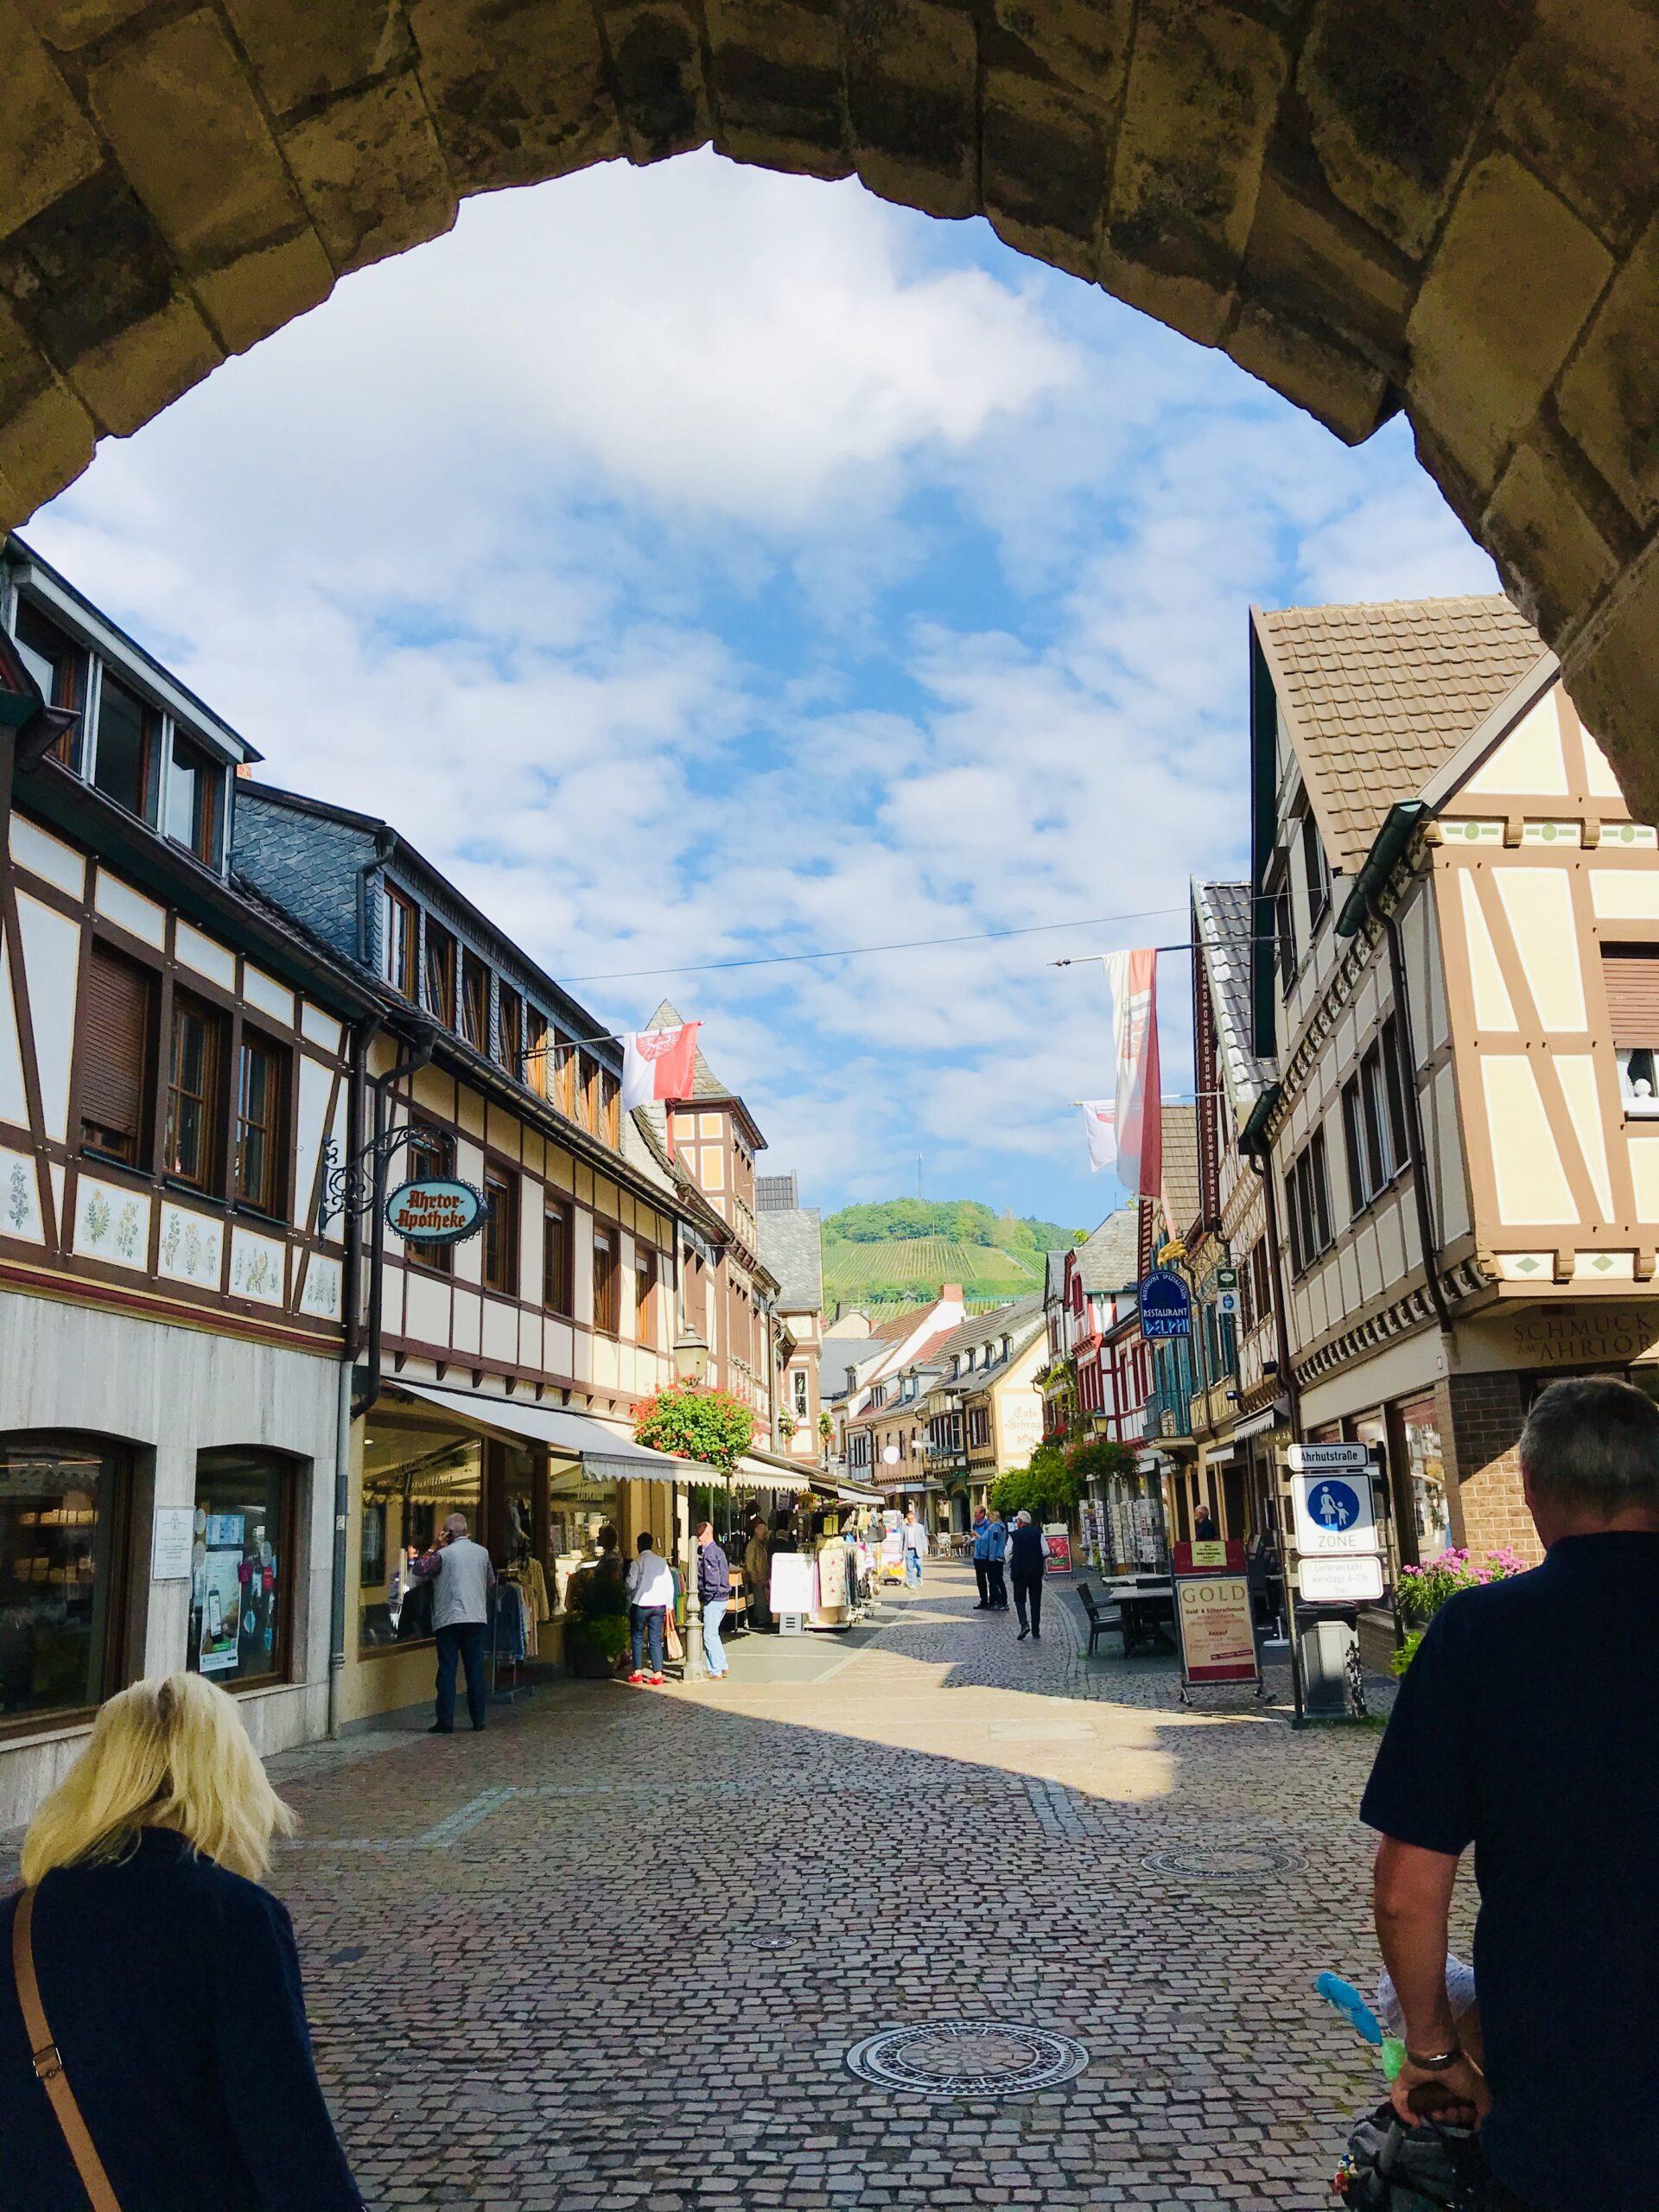 Spielcasino Bad Neuenahr Ahrweiler